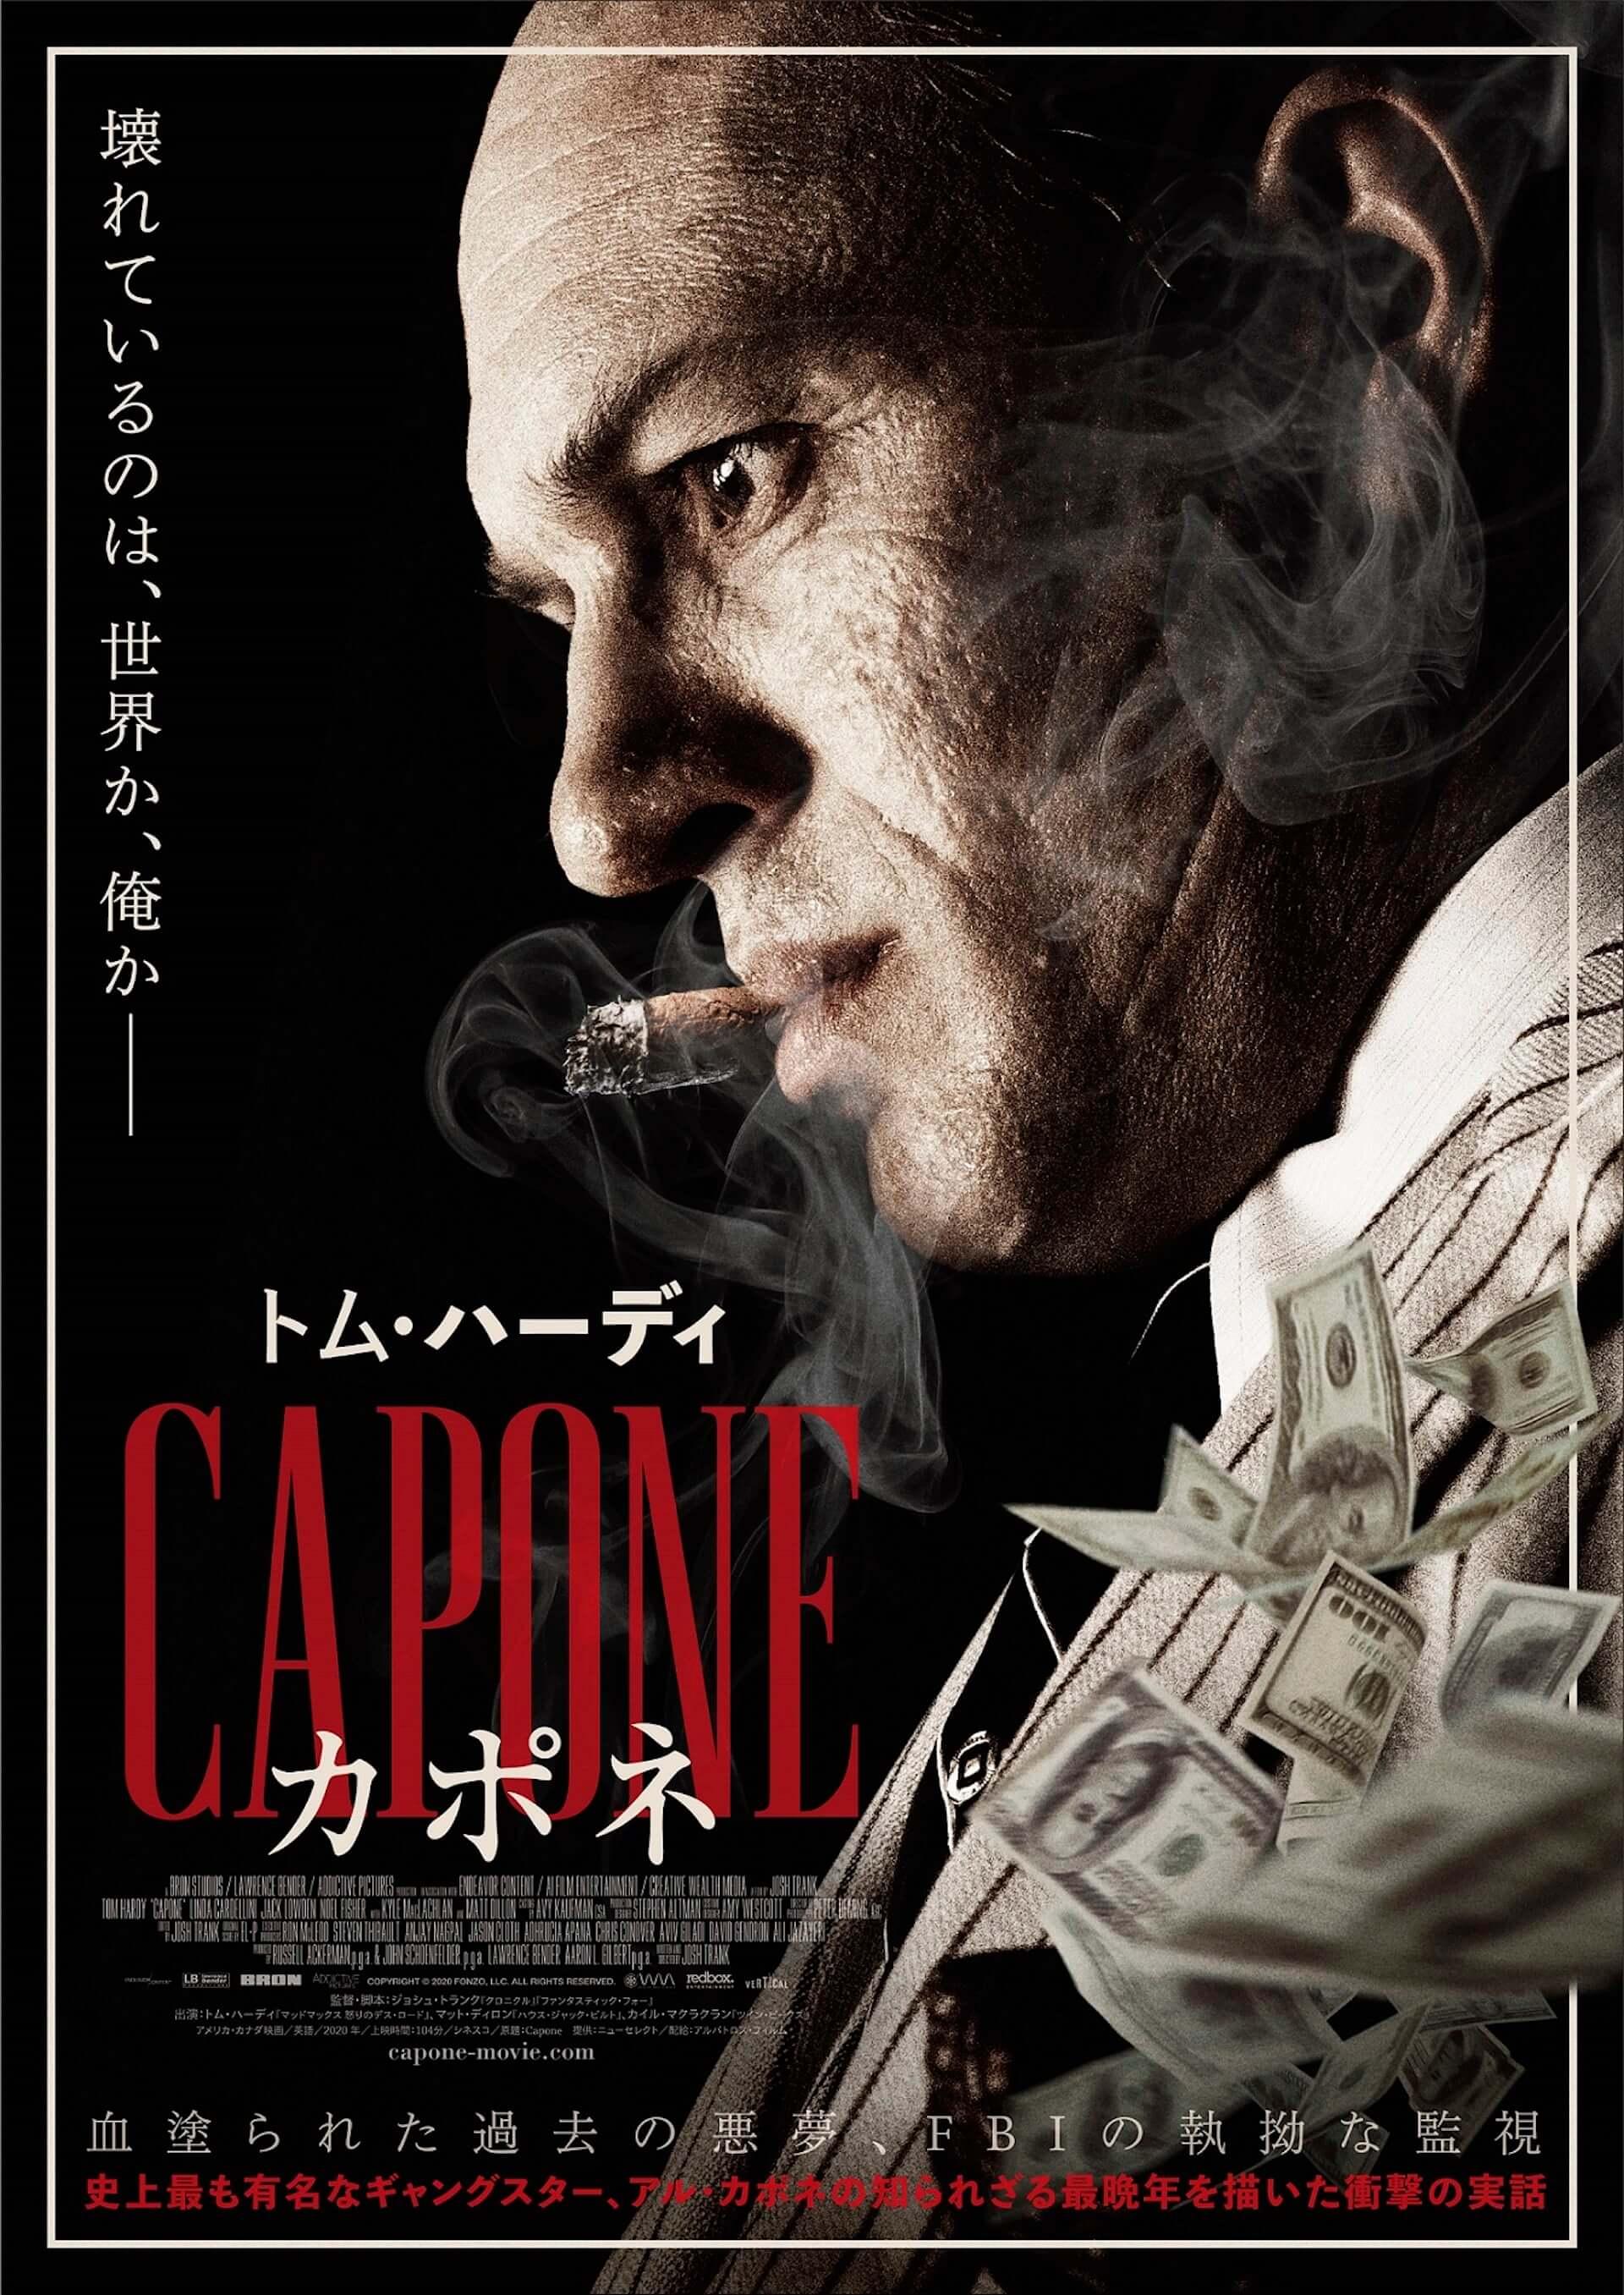 壊れているのは、世界か、俺か―|アル・カポネ最晩年を描いたトム・ハーディ主演映画『カポネ』の予告編が解禁 film201217_capone_1-1920x2713